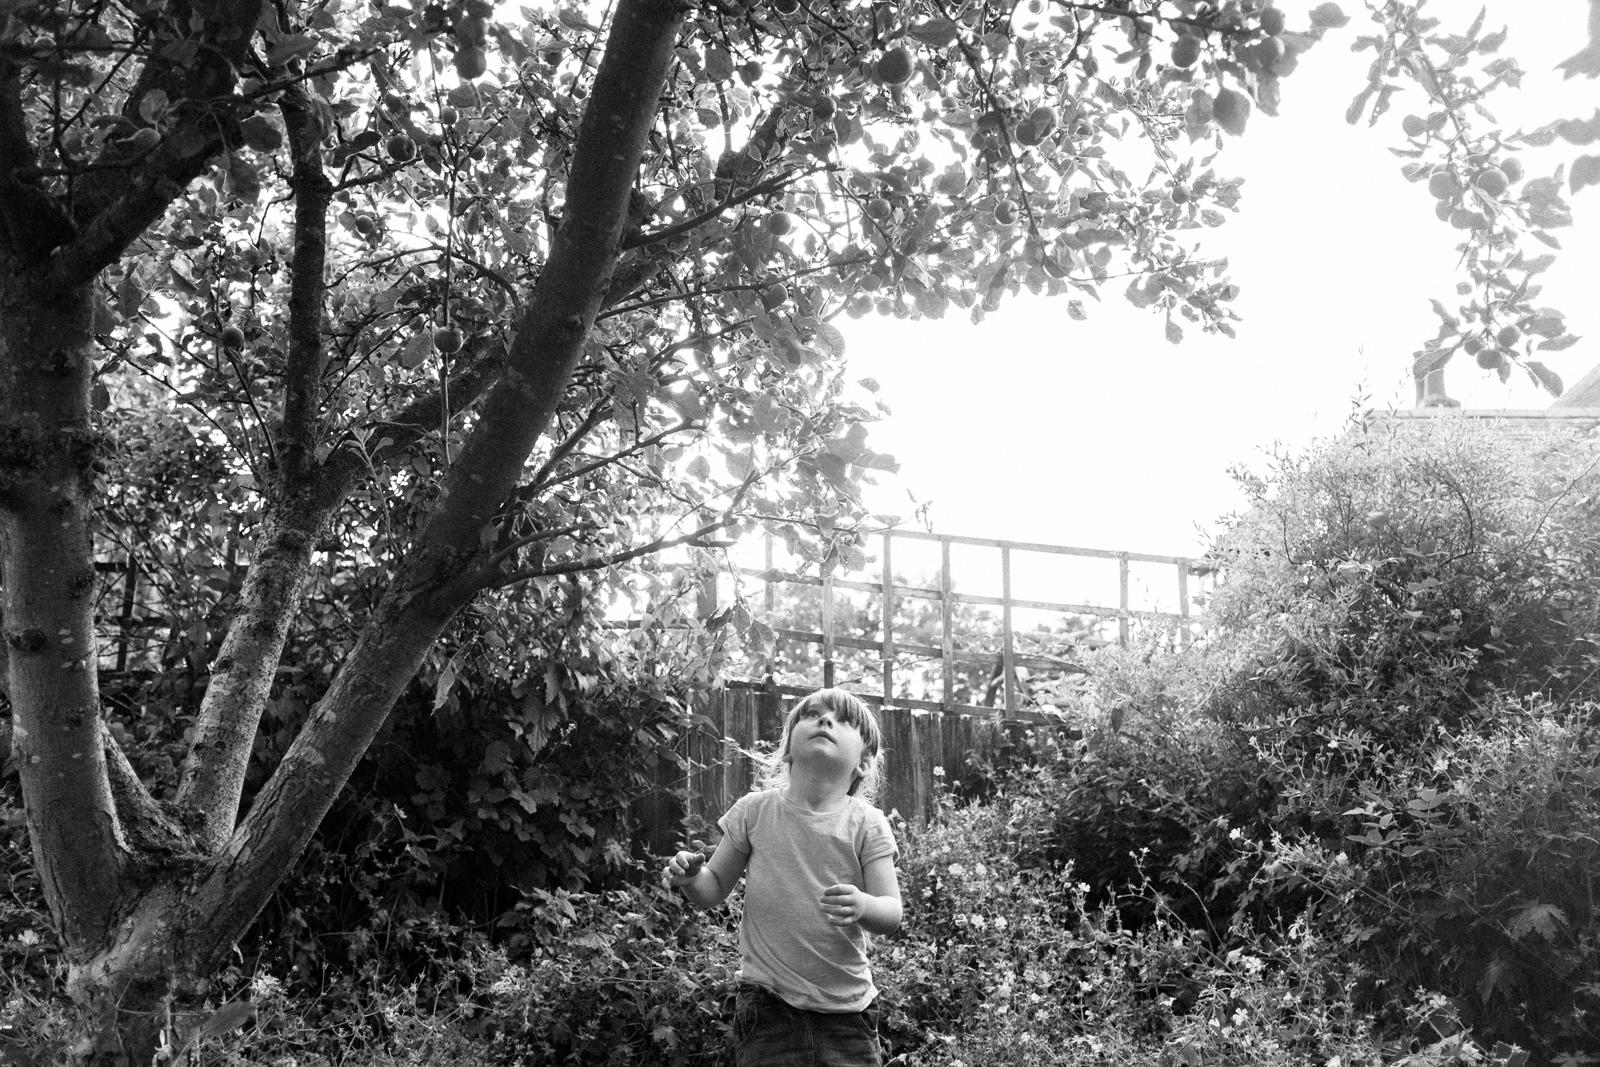 apple-picking-in-the-garden-09.jpg